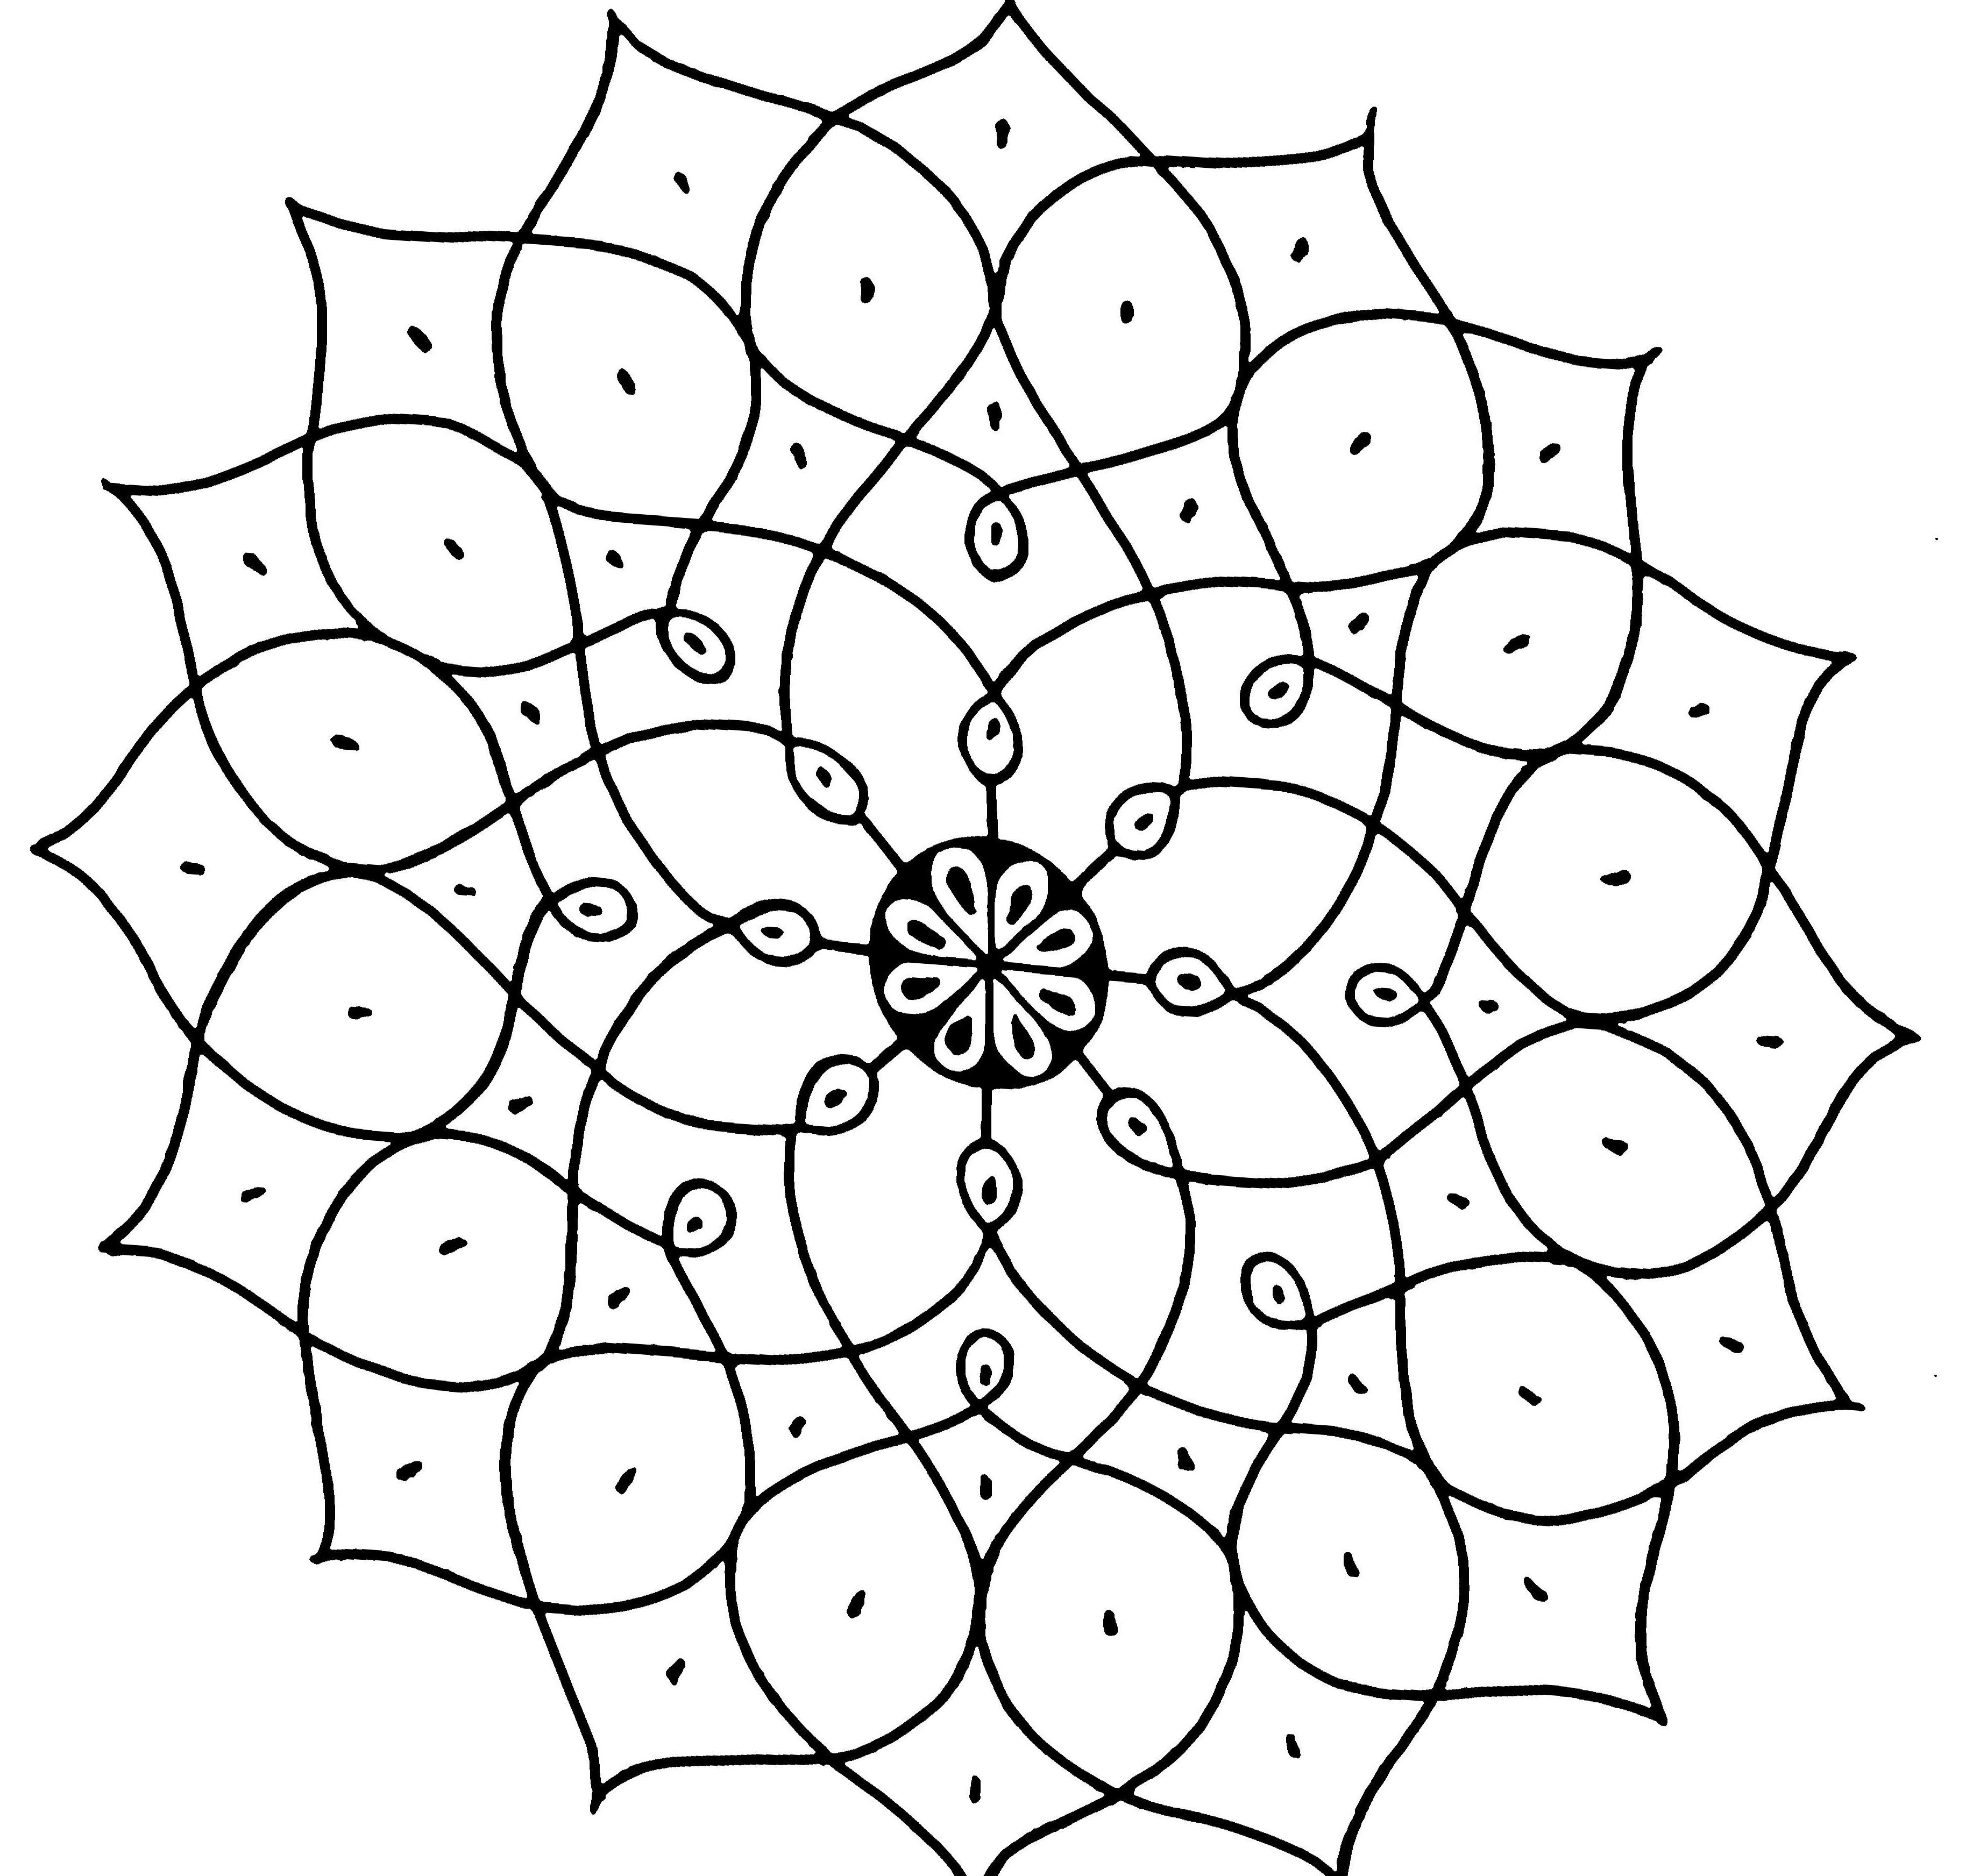 3668x3488 Wallpaper Monochrome, Symmetry, Line Art, Pattern, Circle